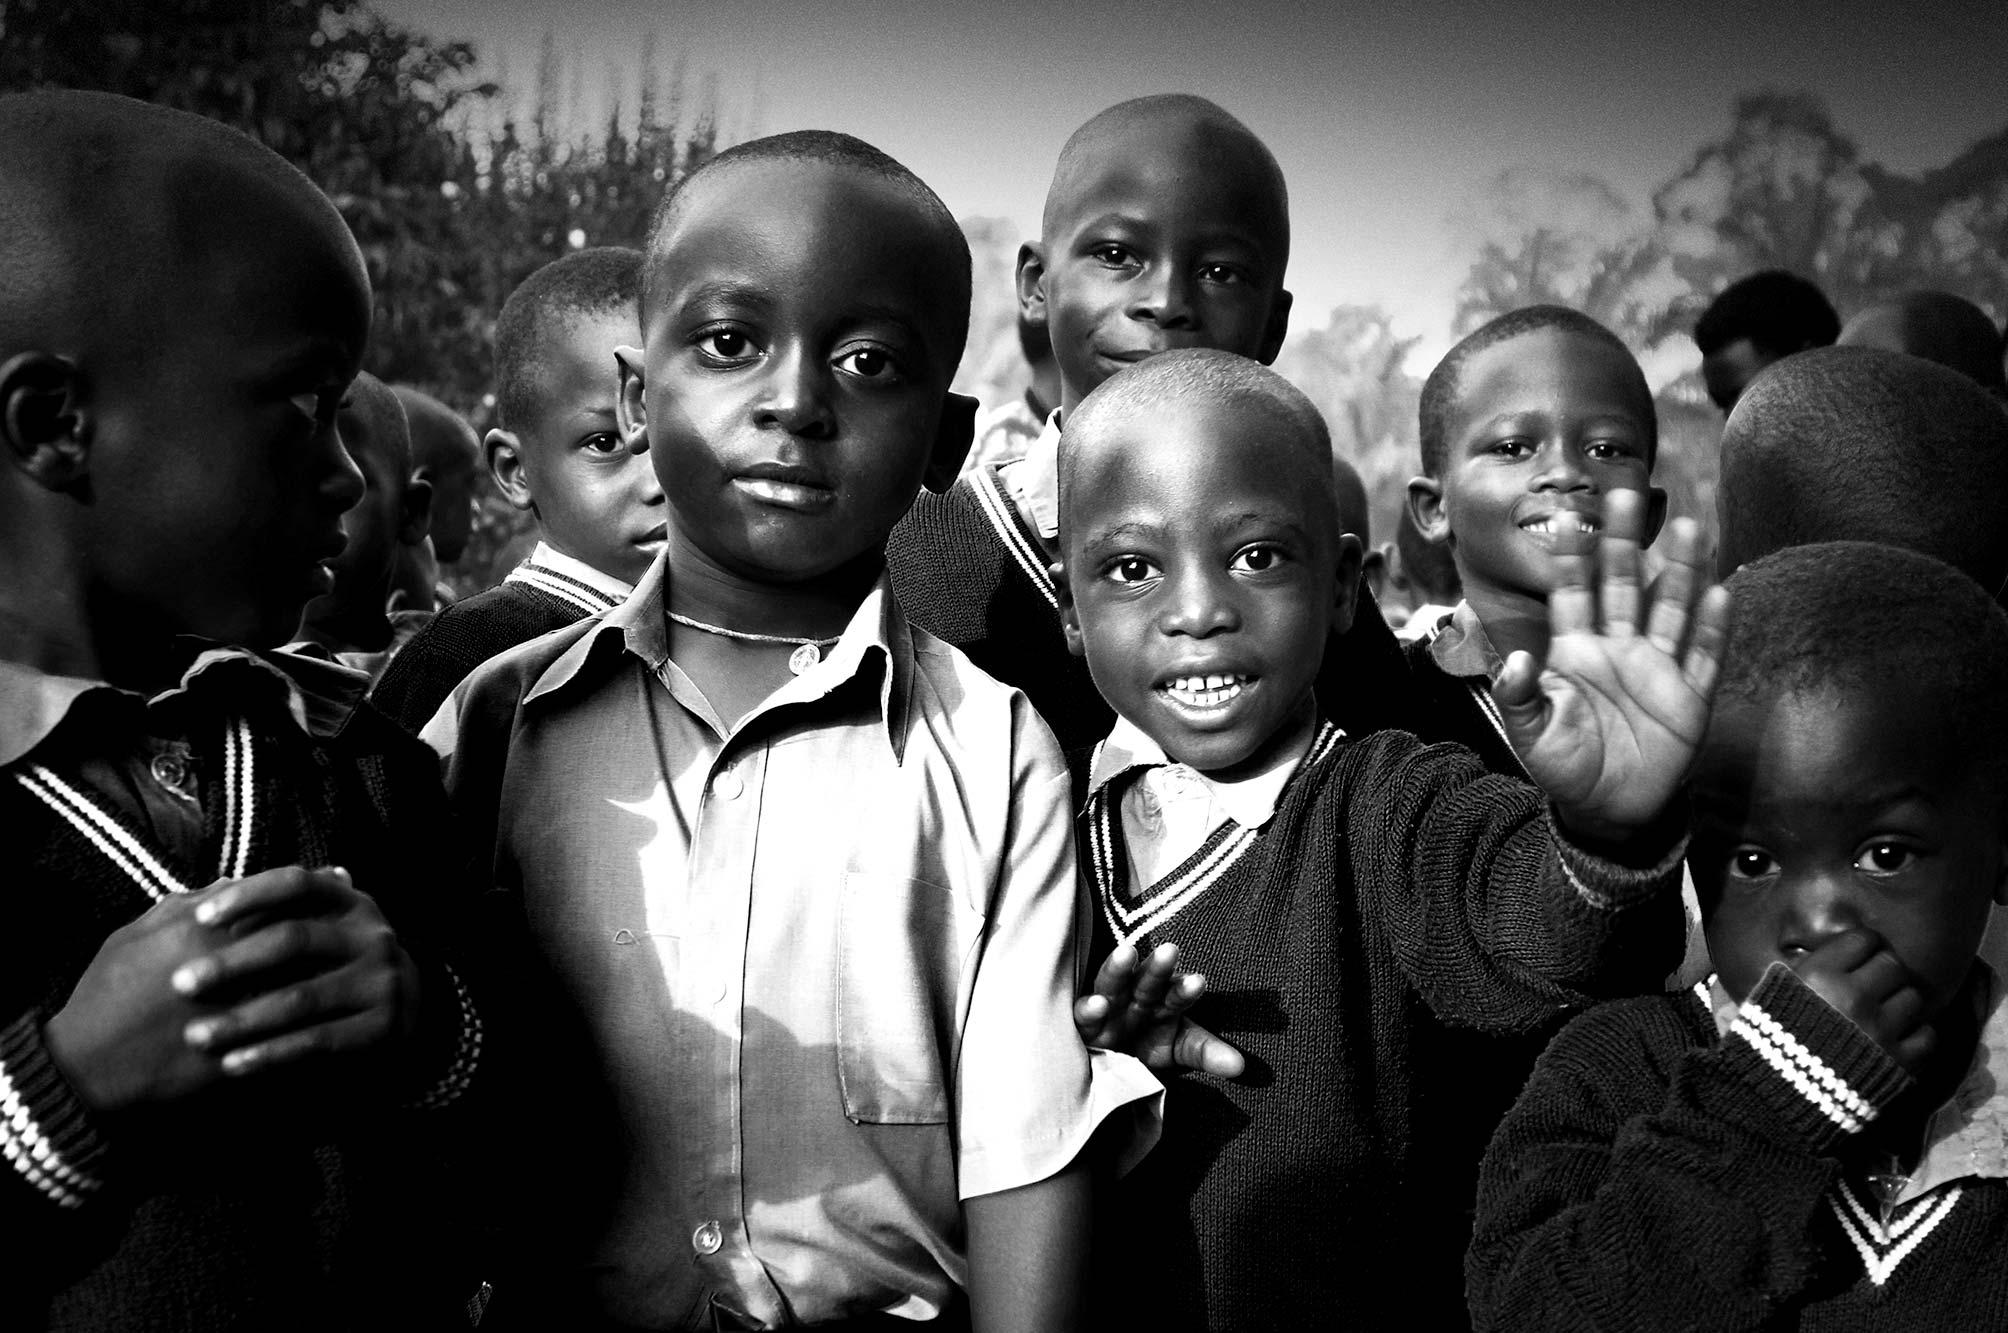 Uganda Photography